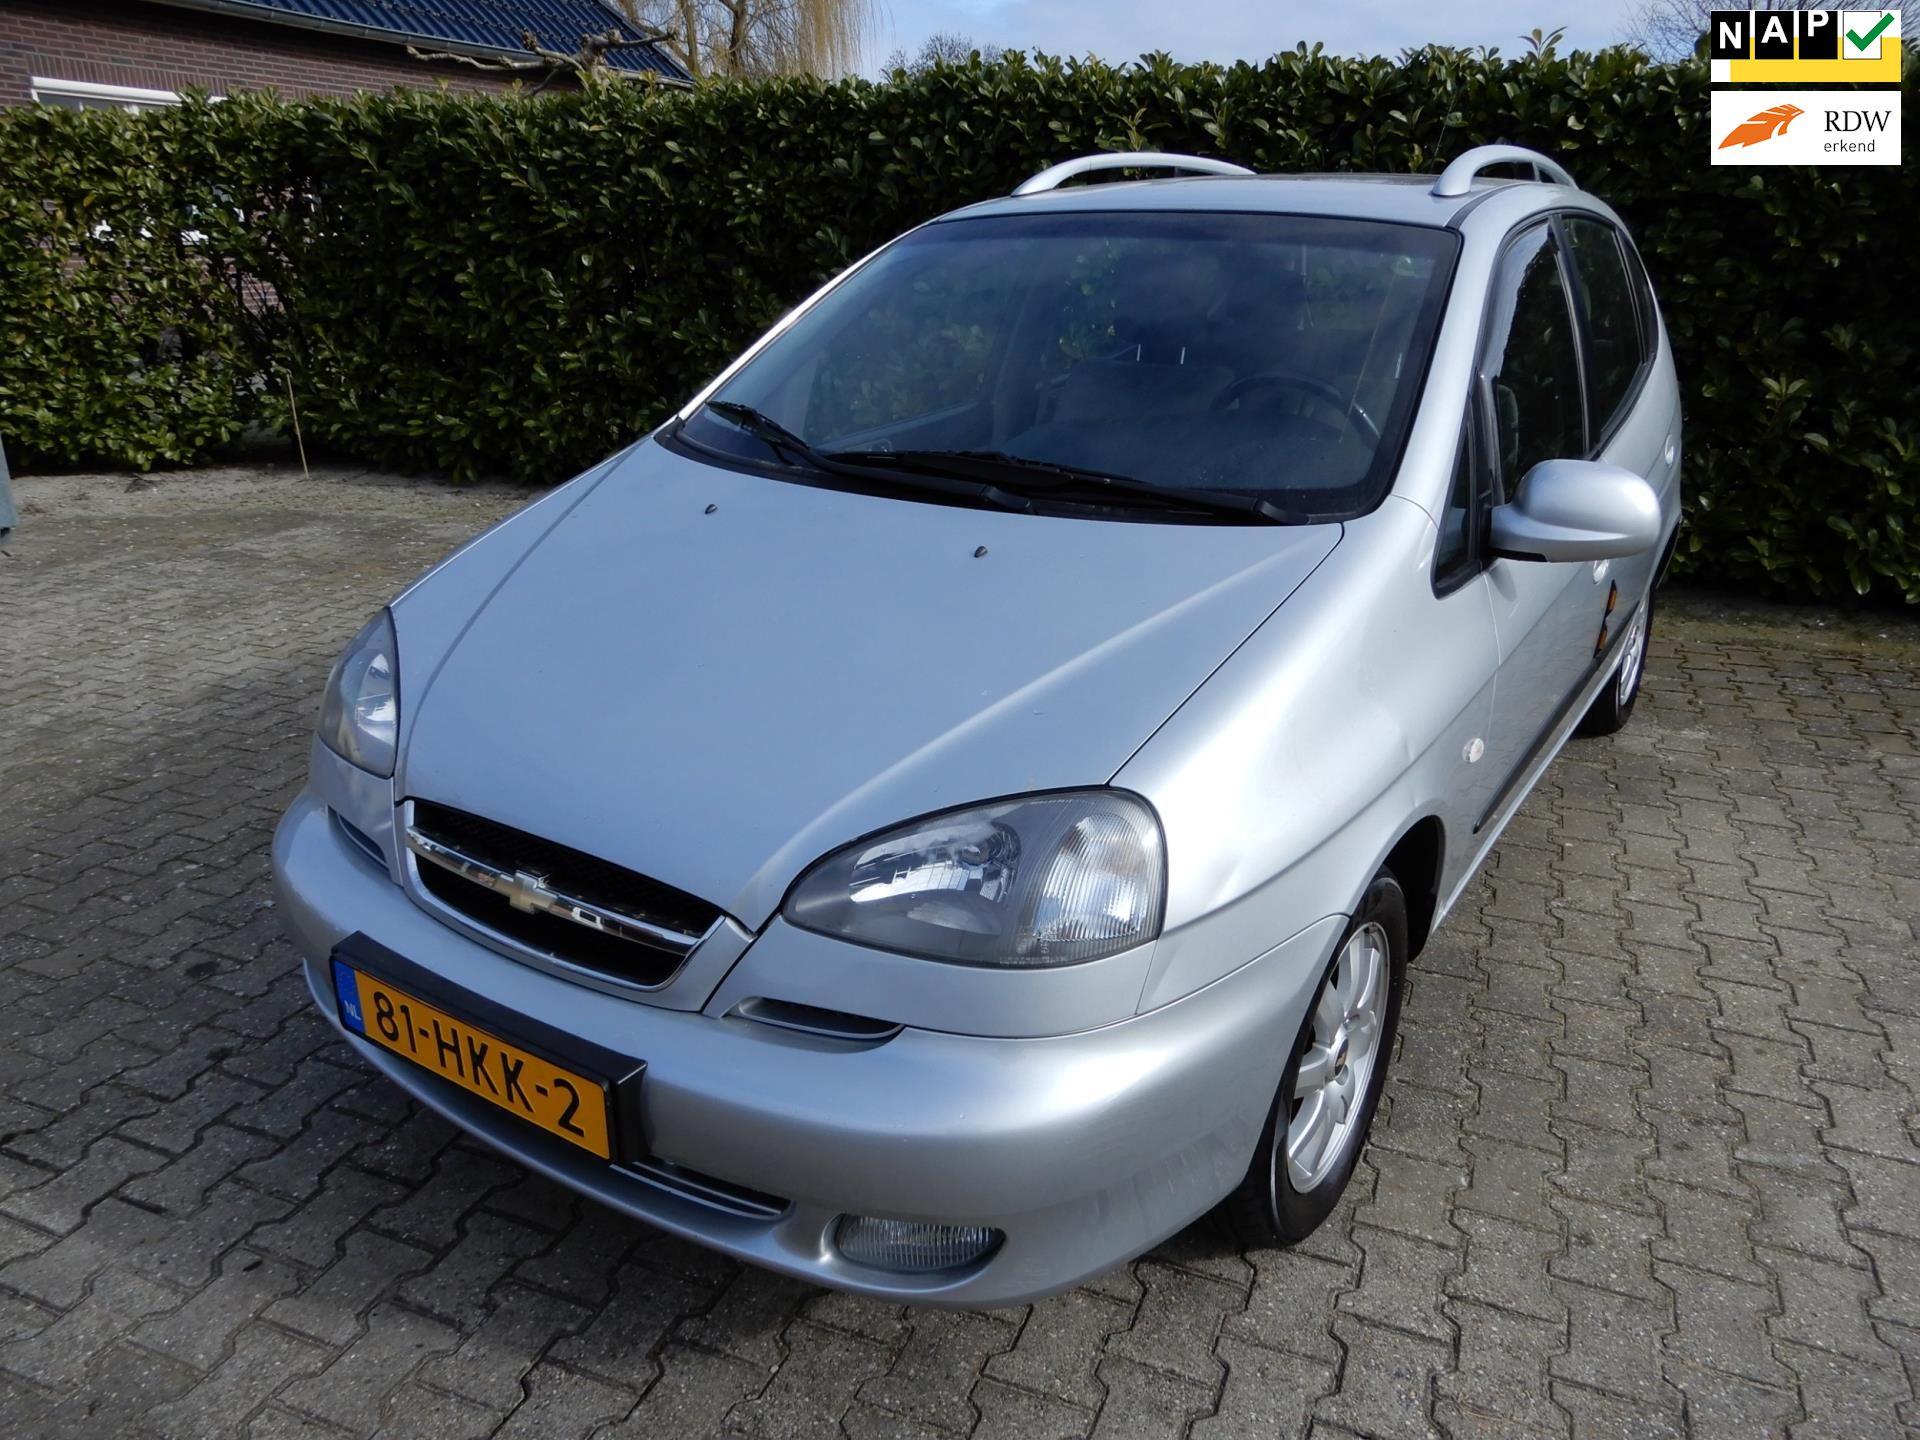 Chevrolet Tacuma occasion - Autobedrijf Nieuwbroek